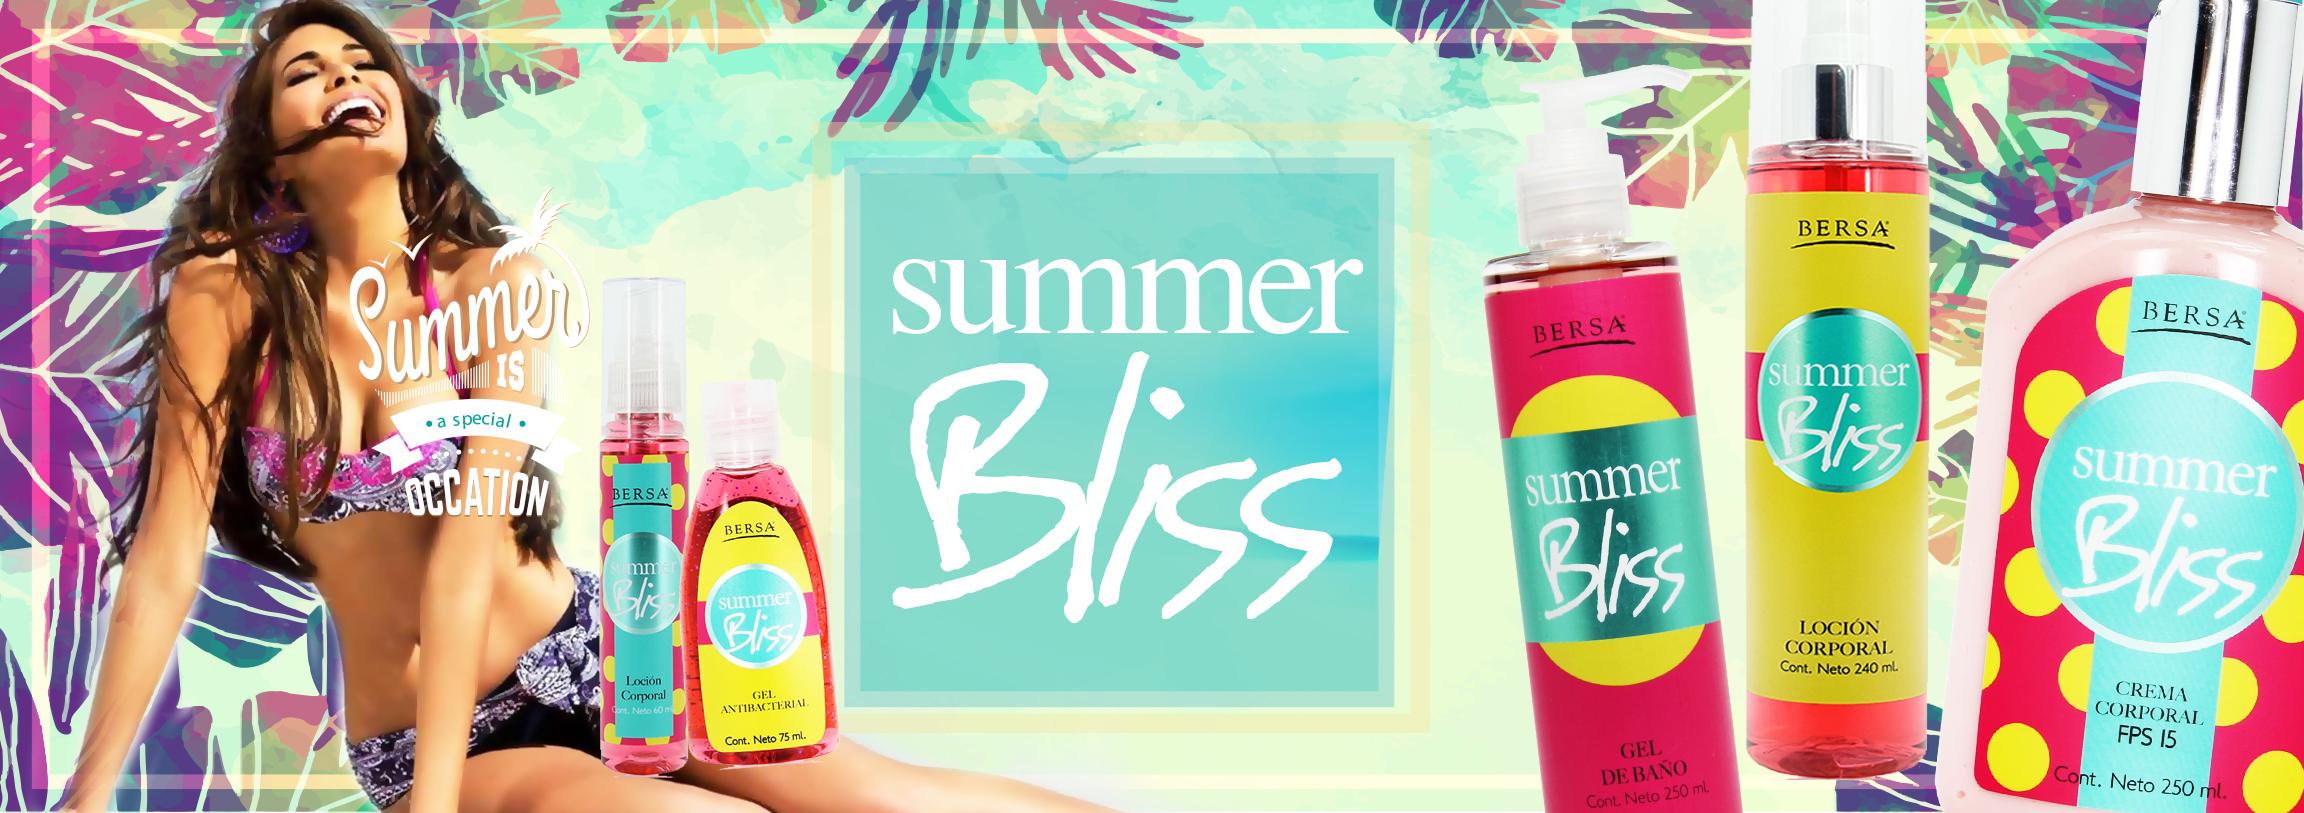 BANNER-summer-bliss-bersa